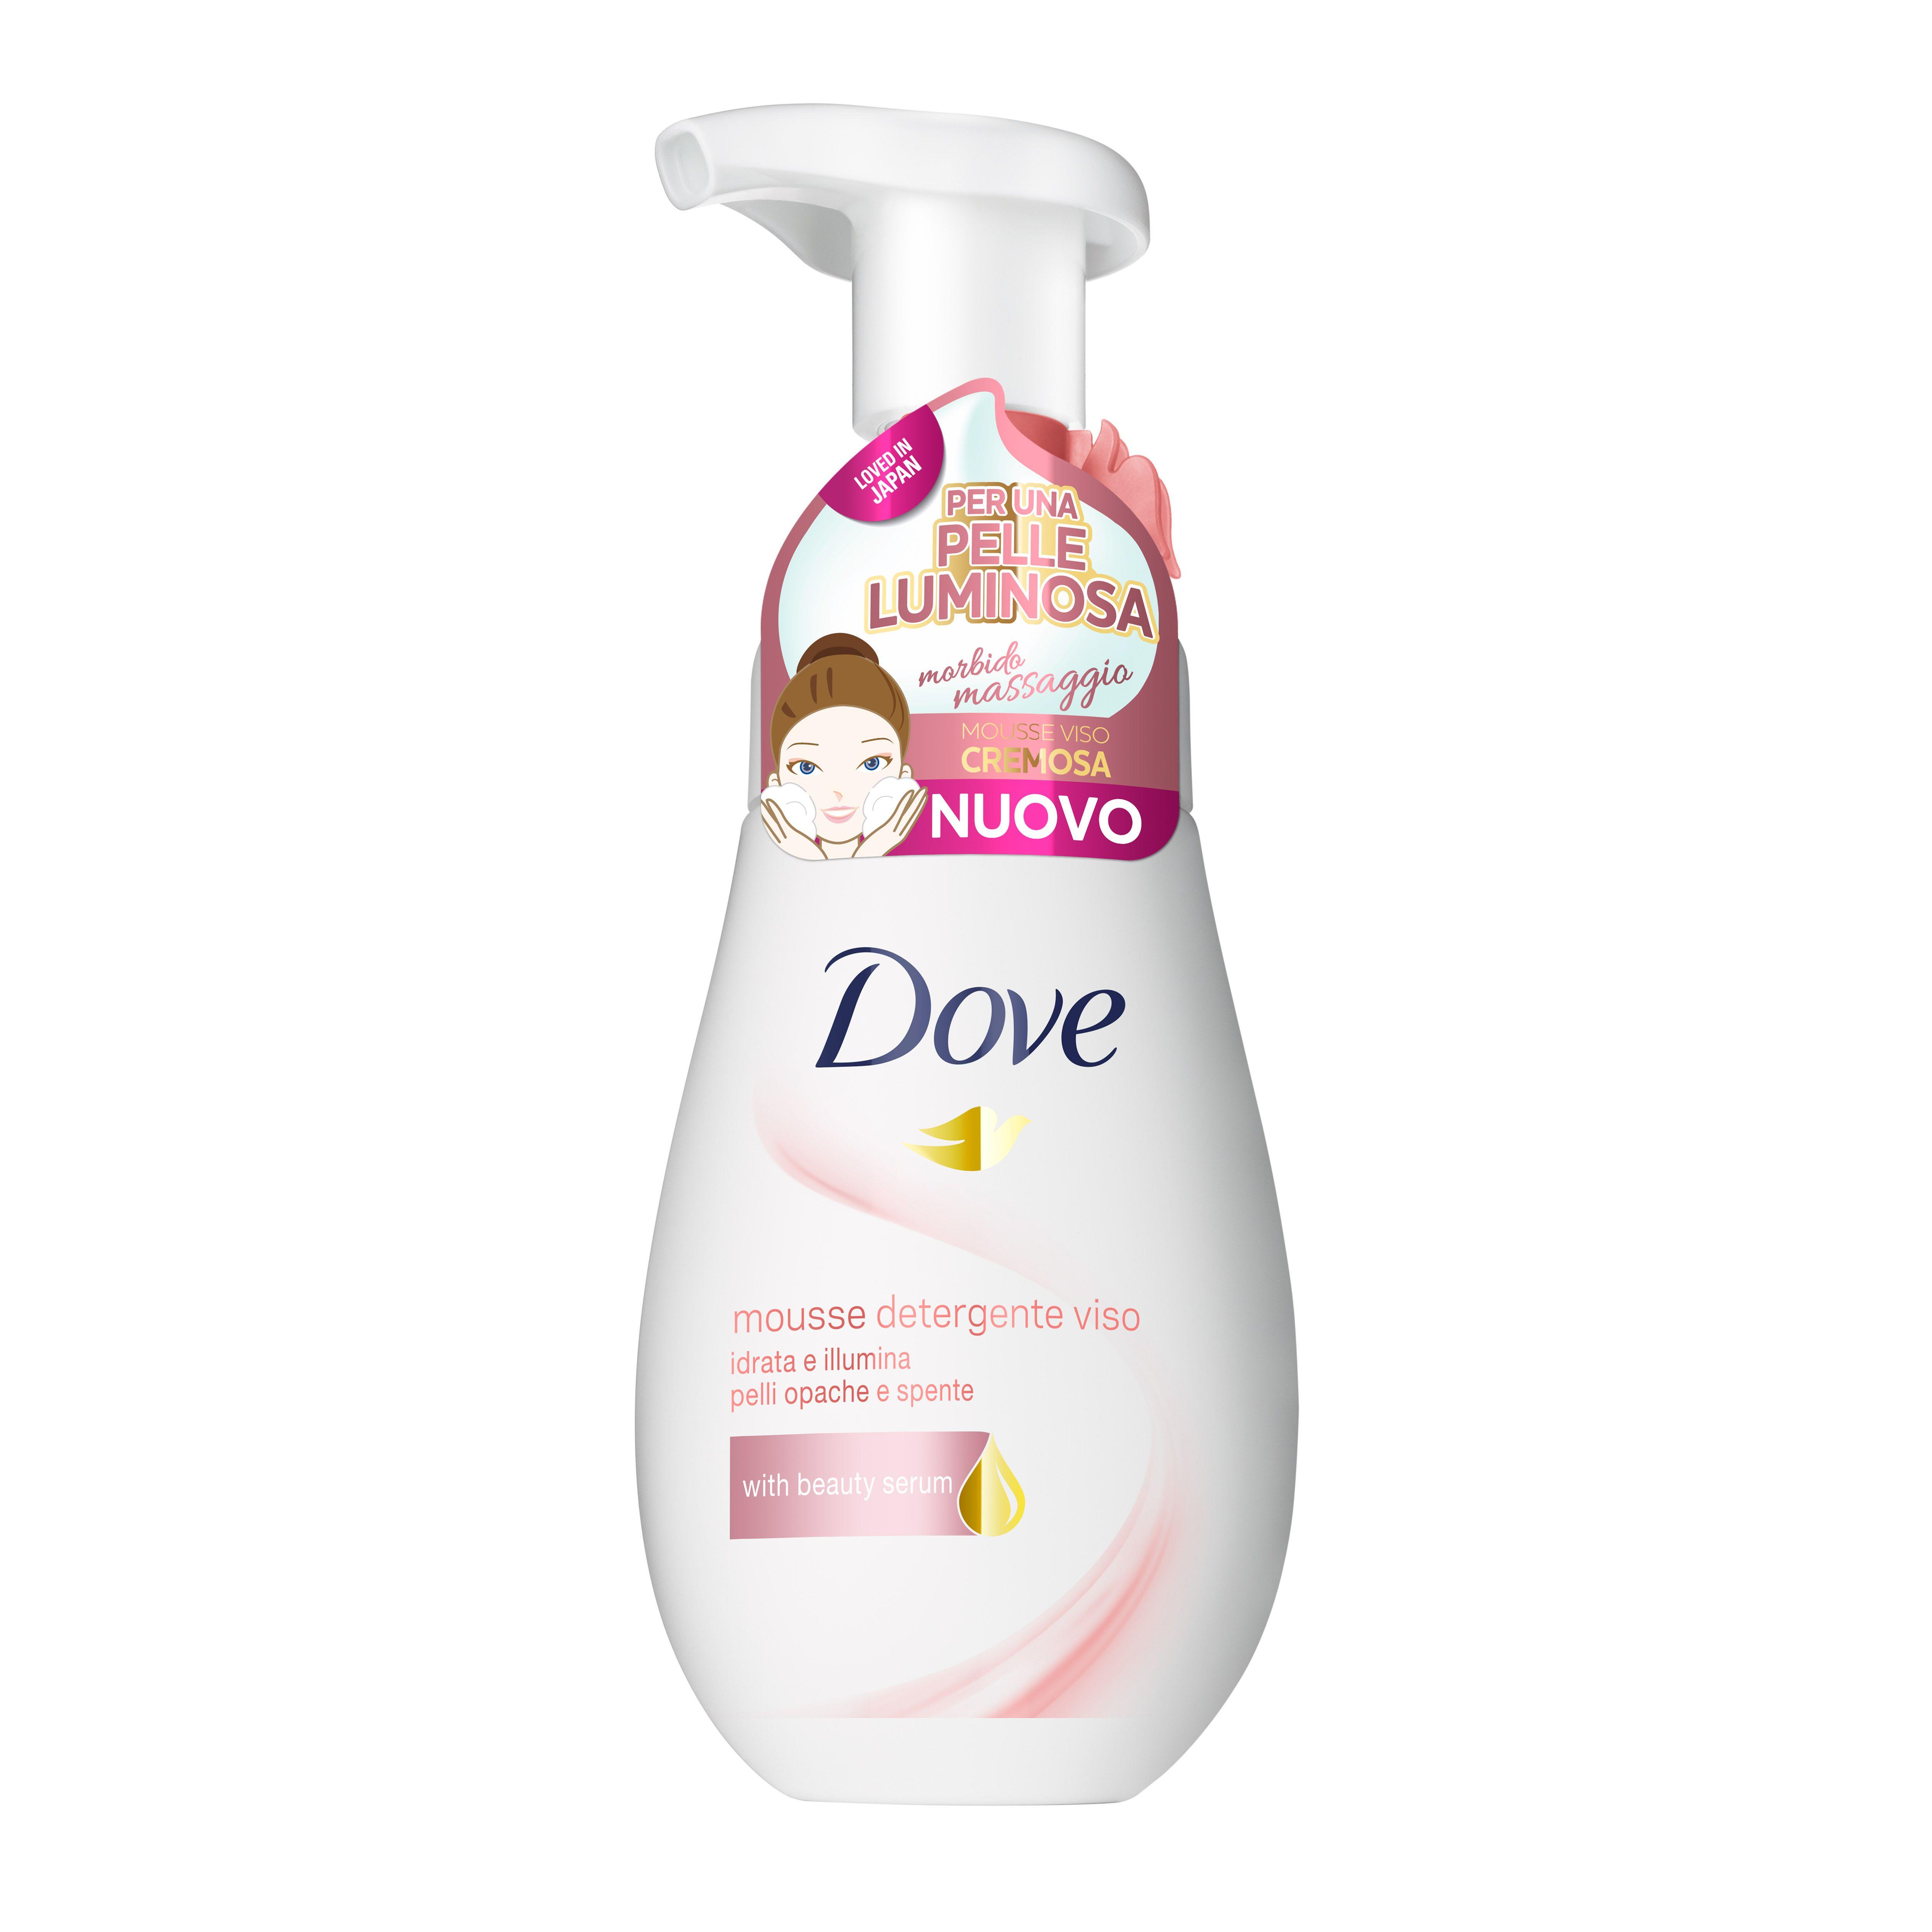 37+ Mousse detergente viso fai da te trends